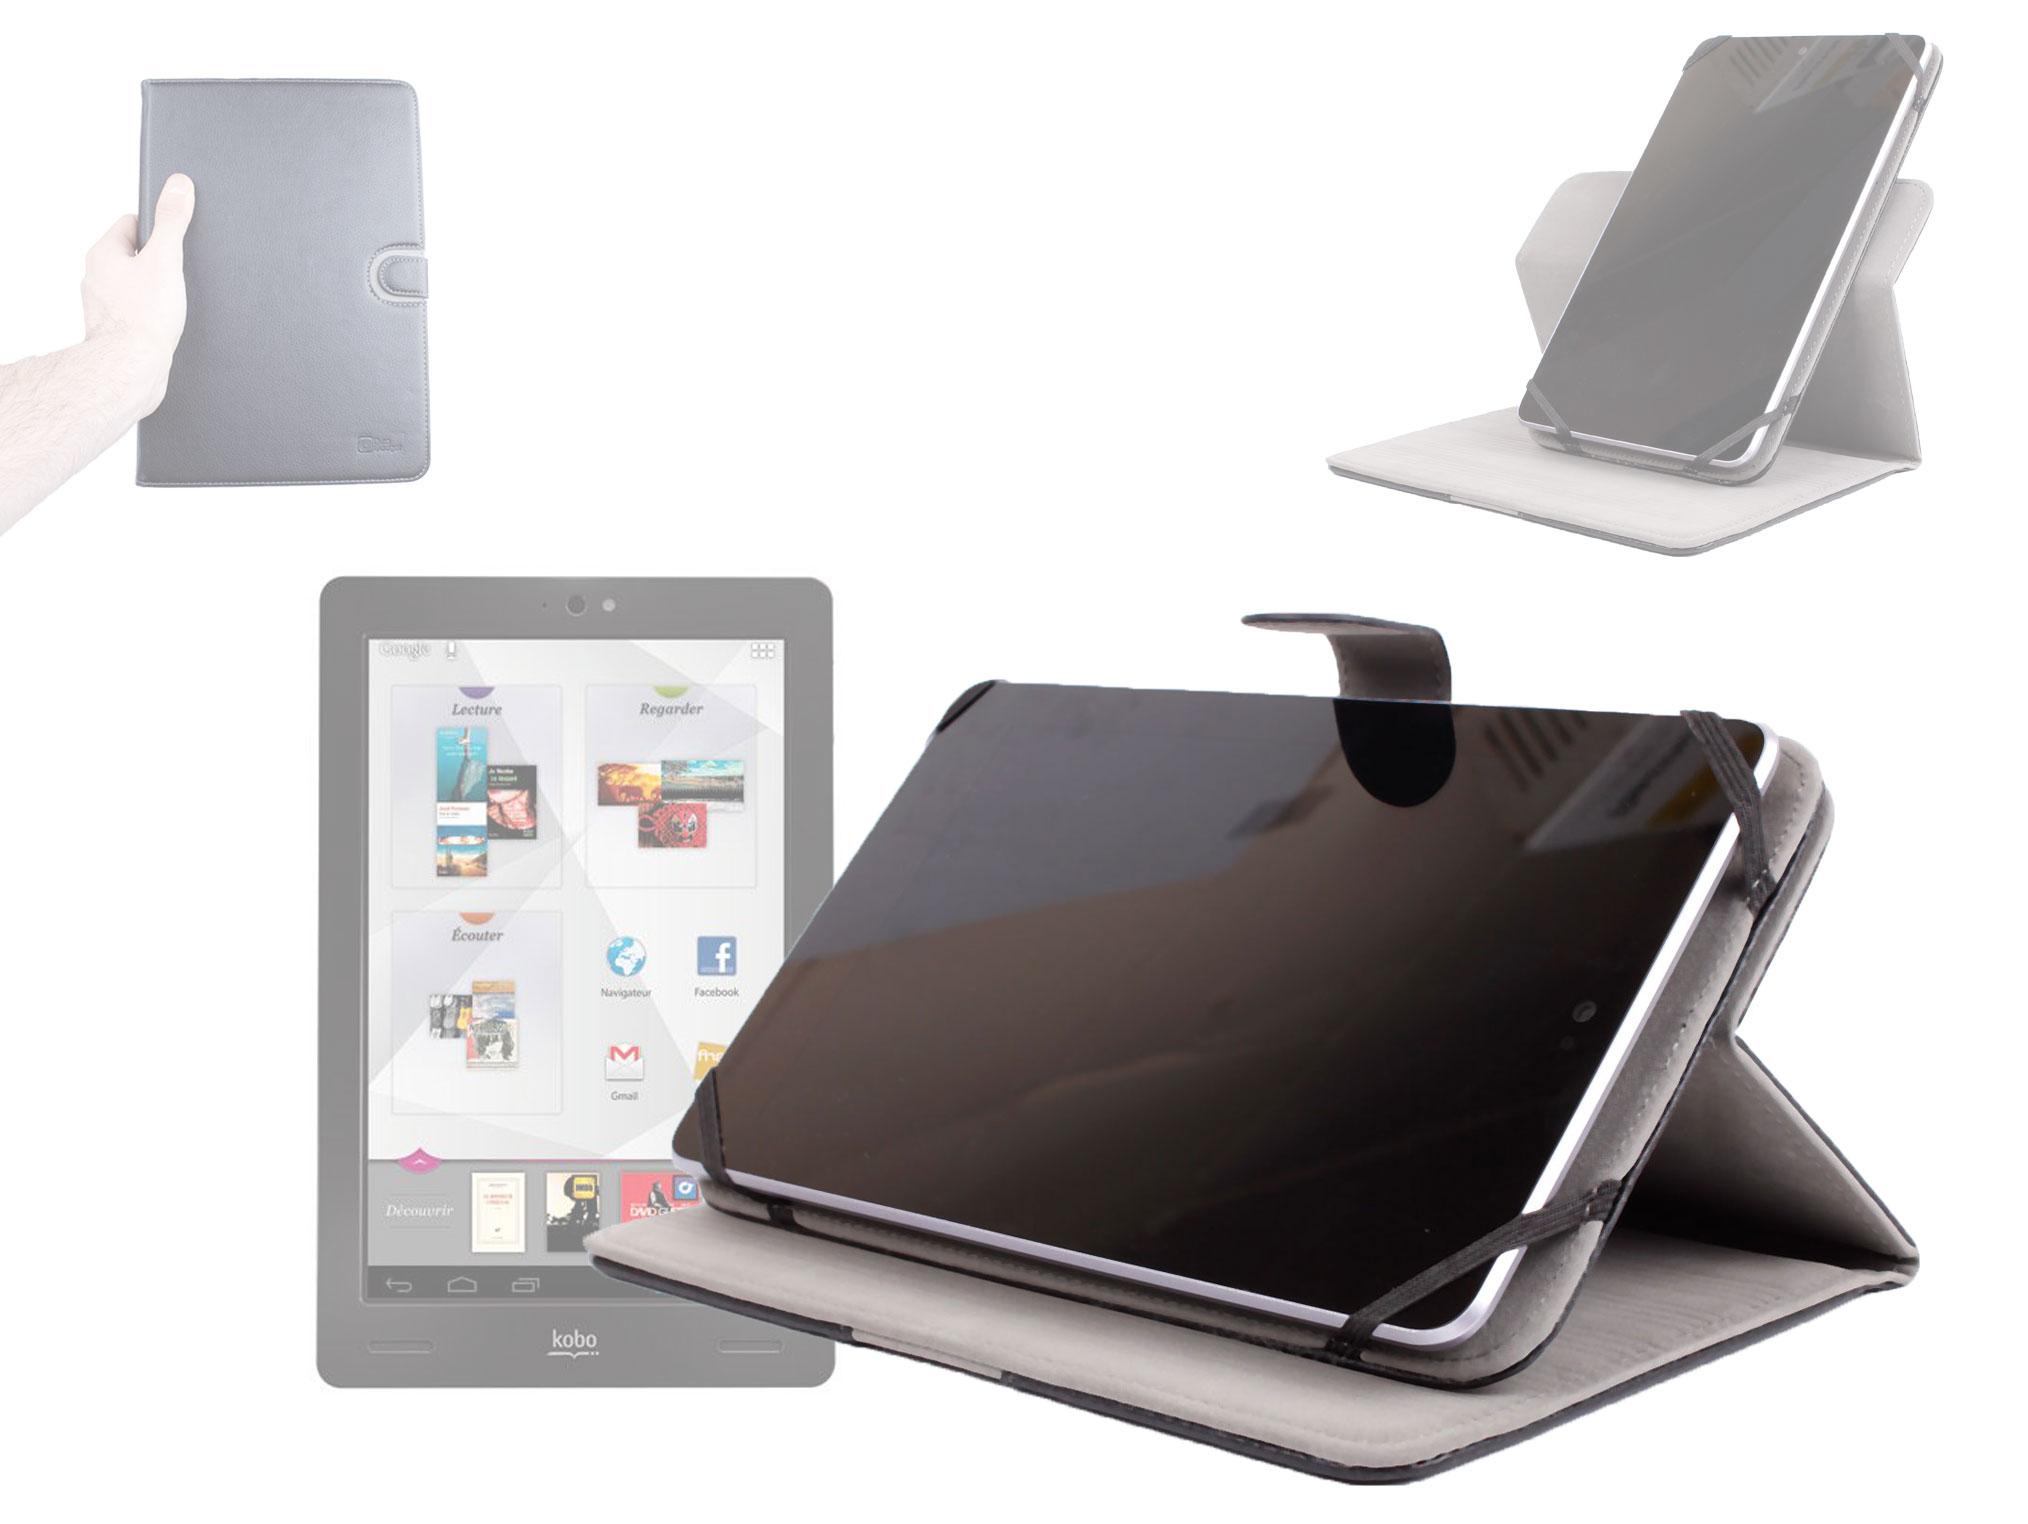 Housse rotative 360 en effet cuir pour tablette fnac kobo for Housse kobo arc 7